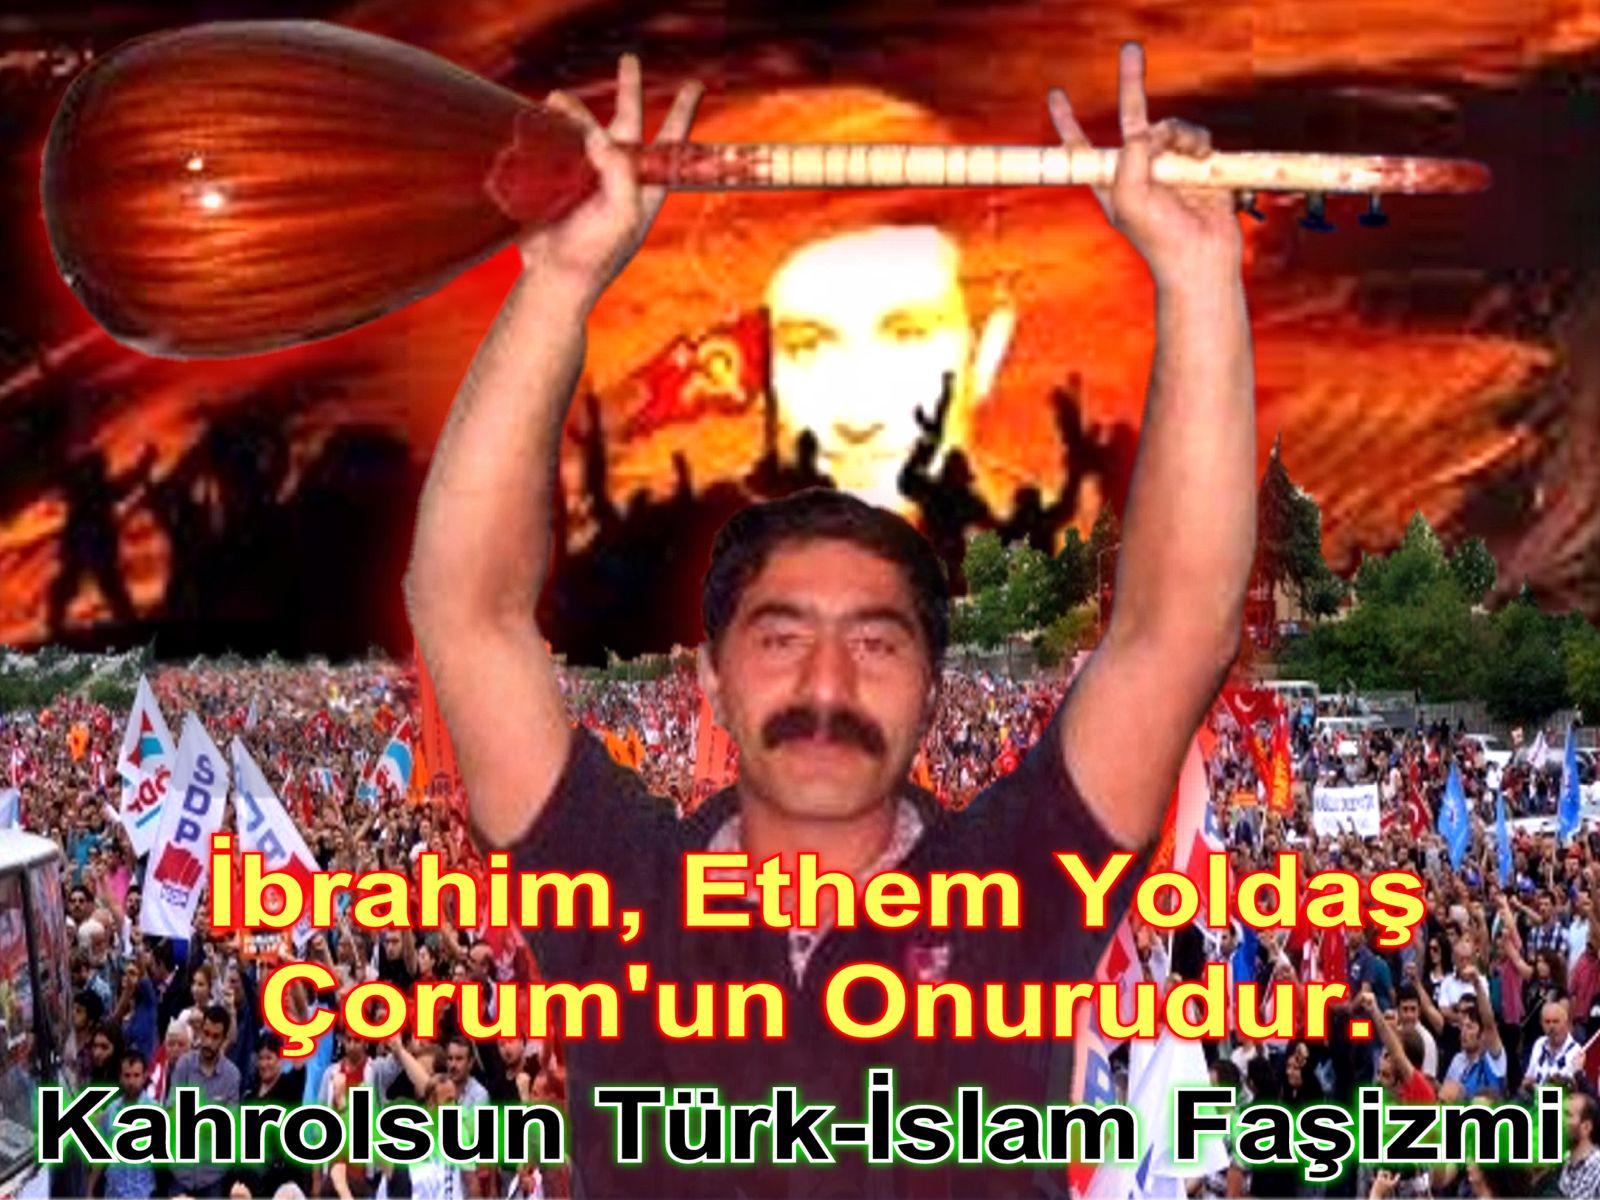 Devrimci Aleviler Birliği DAB Alevi Kızılbaş Bektaşi pir sultan cem hz Ali 12 imam semah Feramuz Şah Acar ibrahim etem çorum